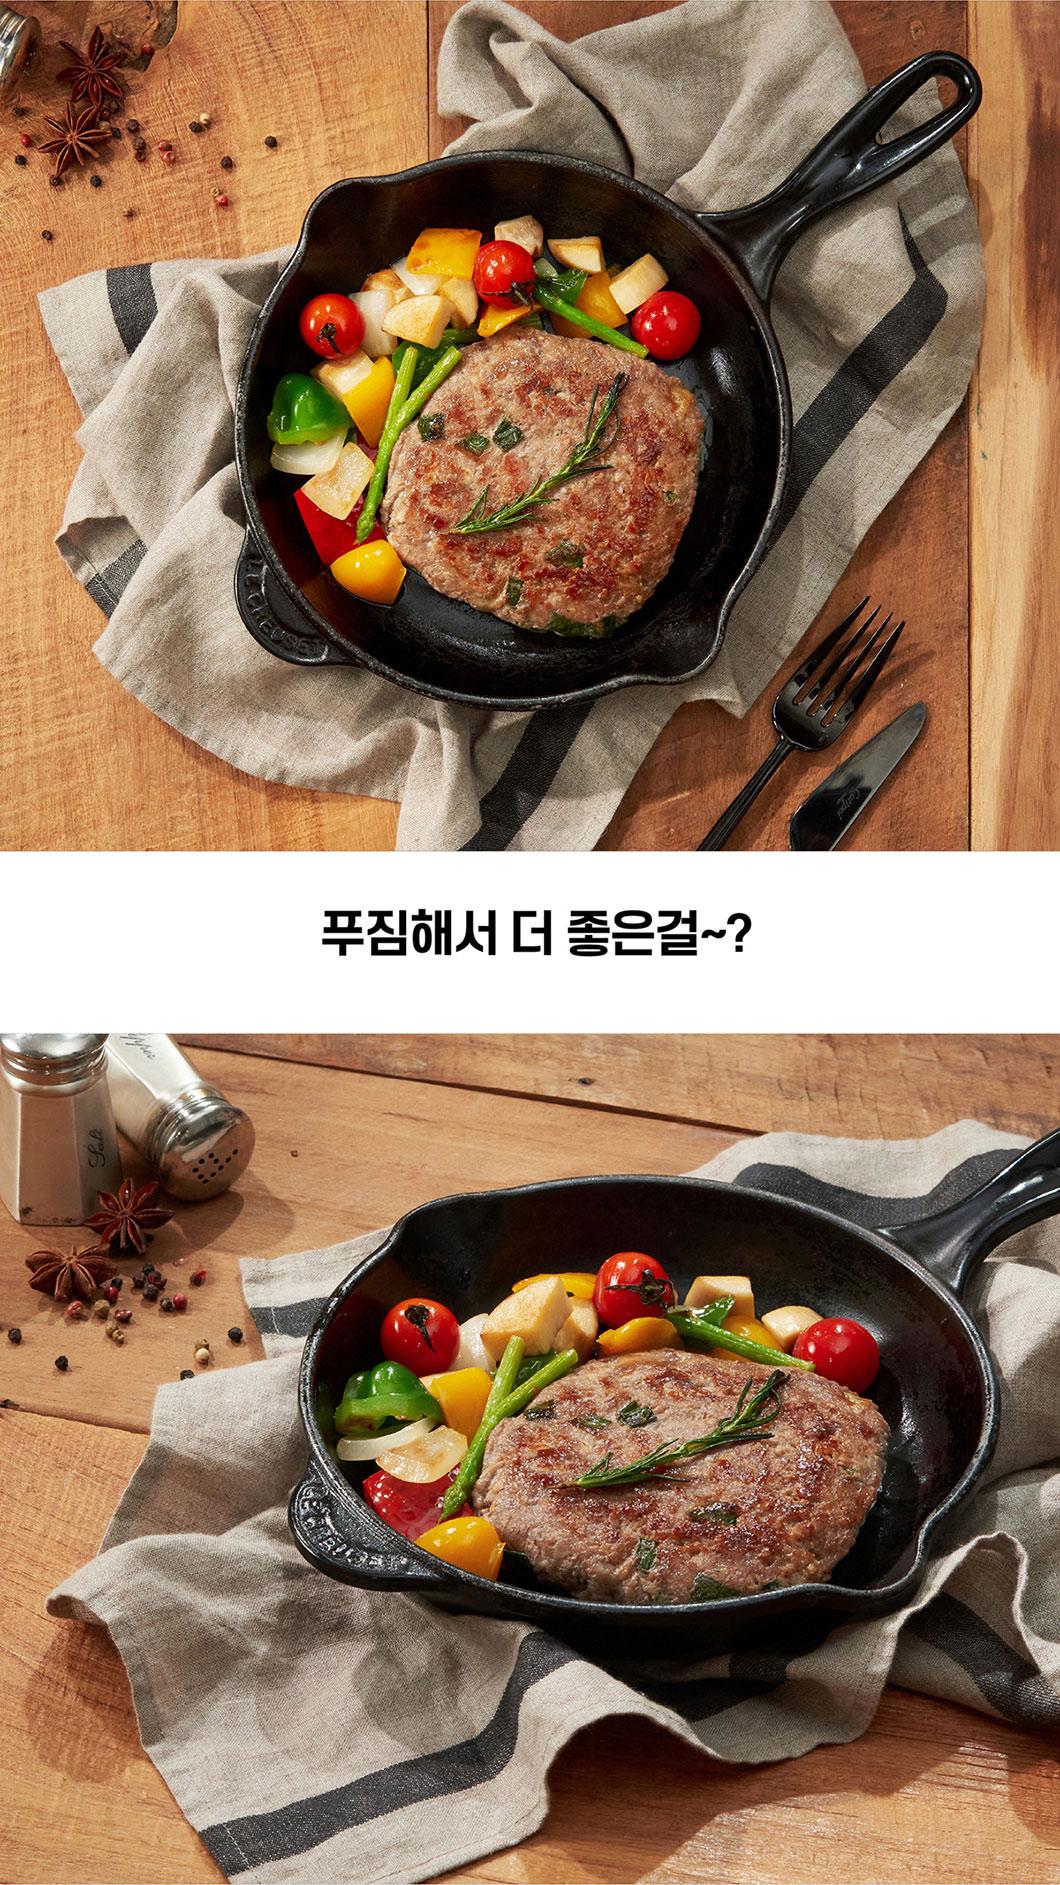 떡갈비_하단1060_05.jpg